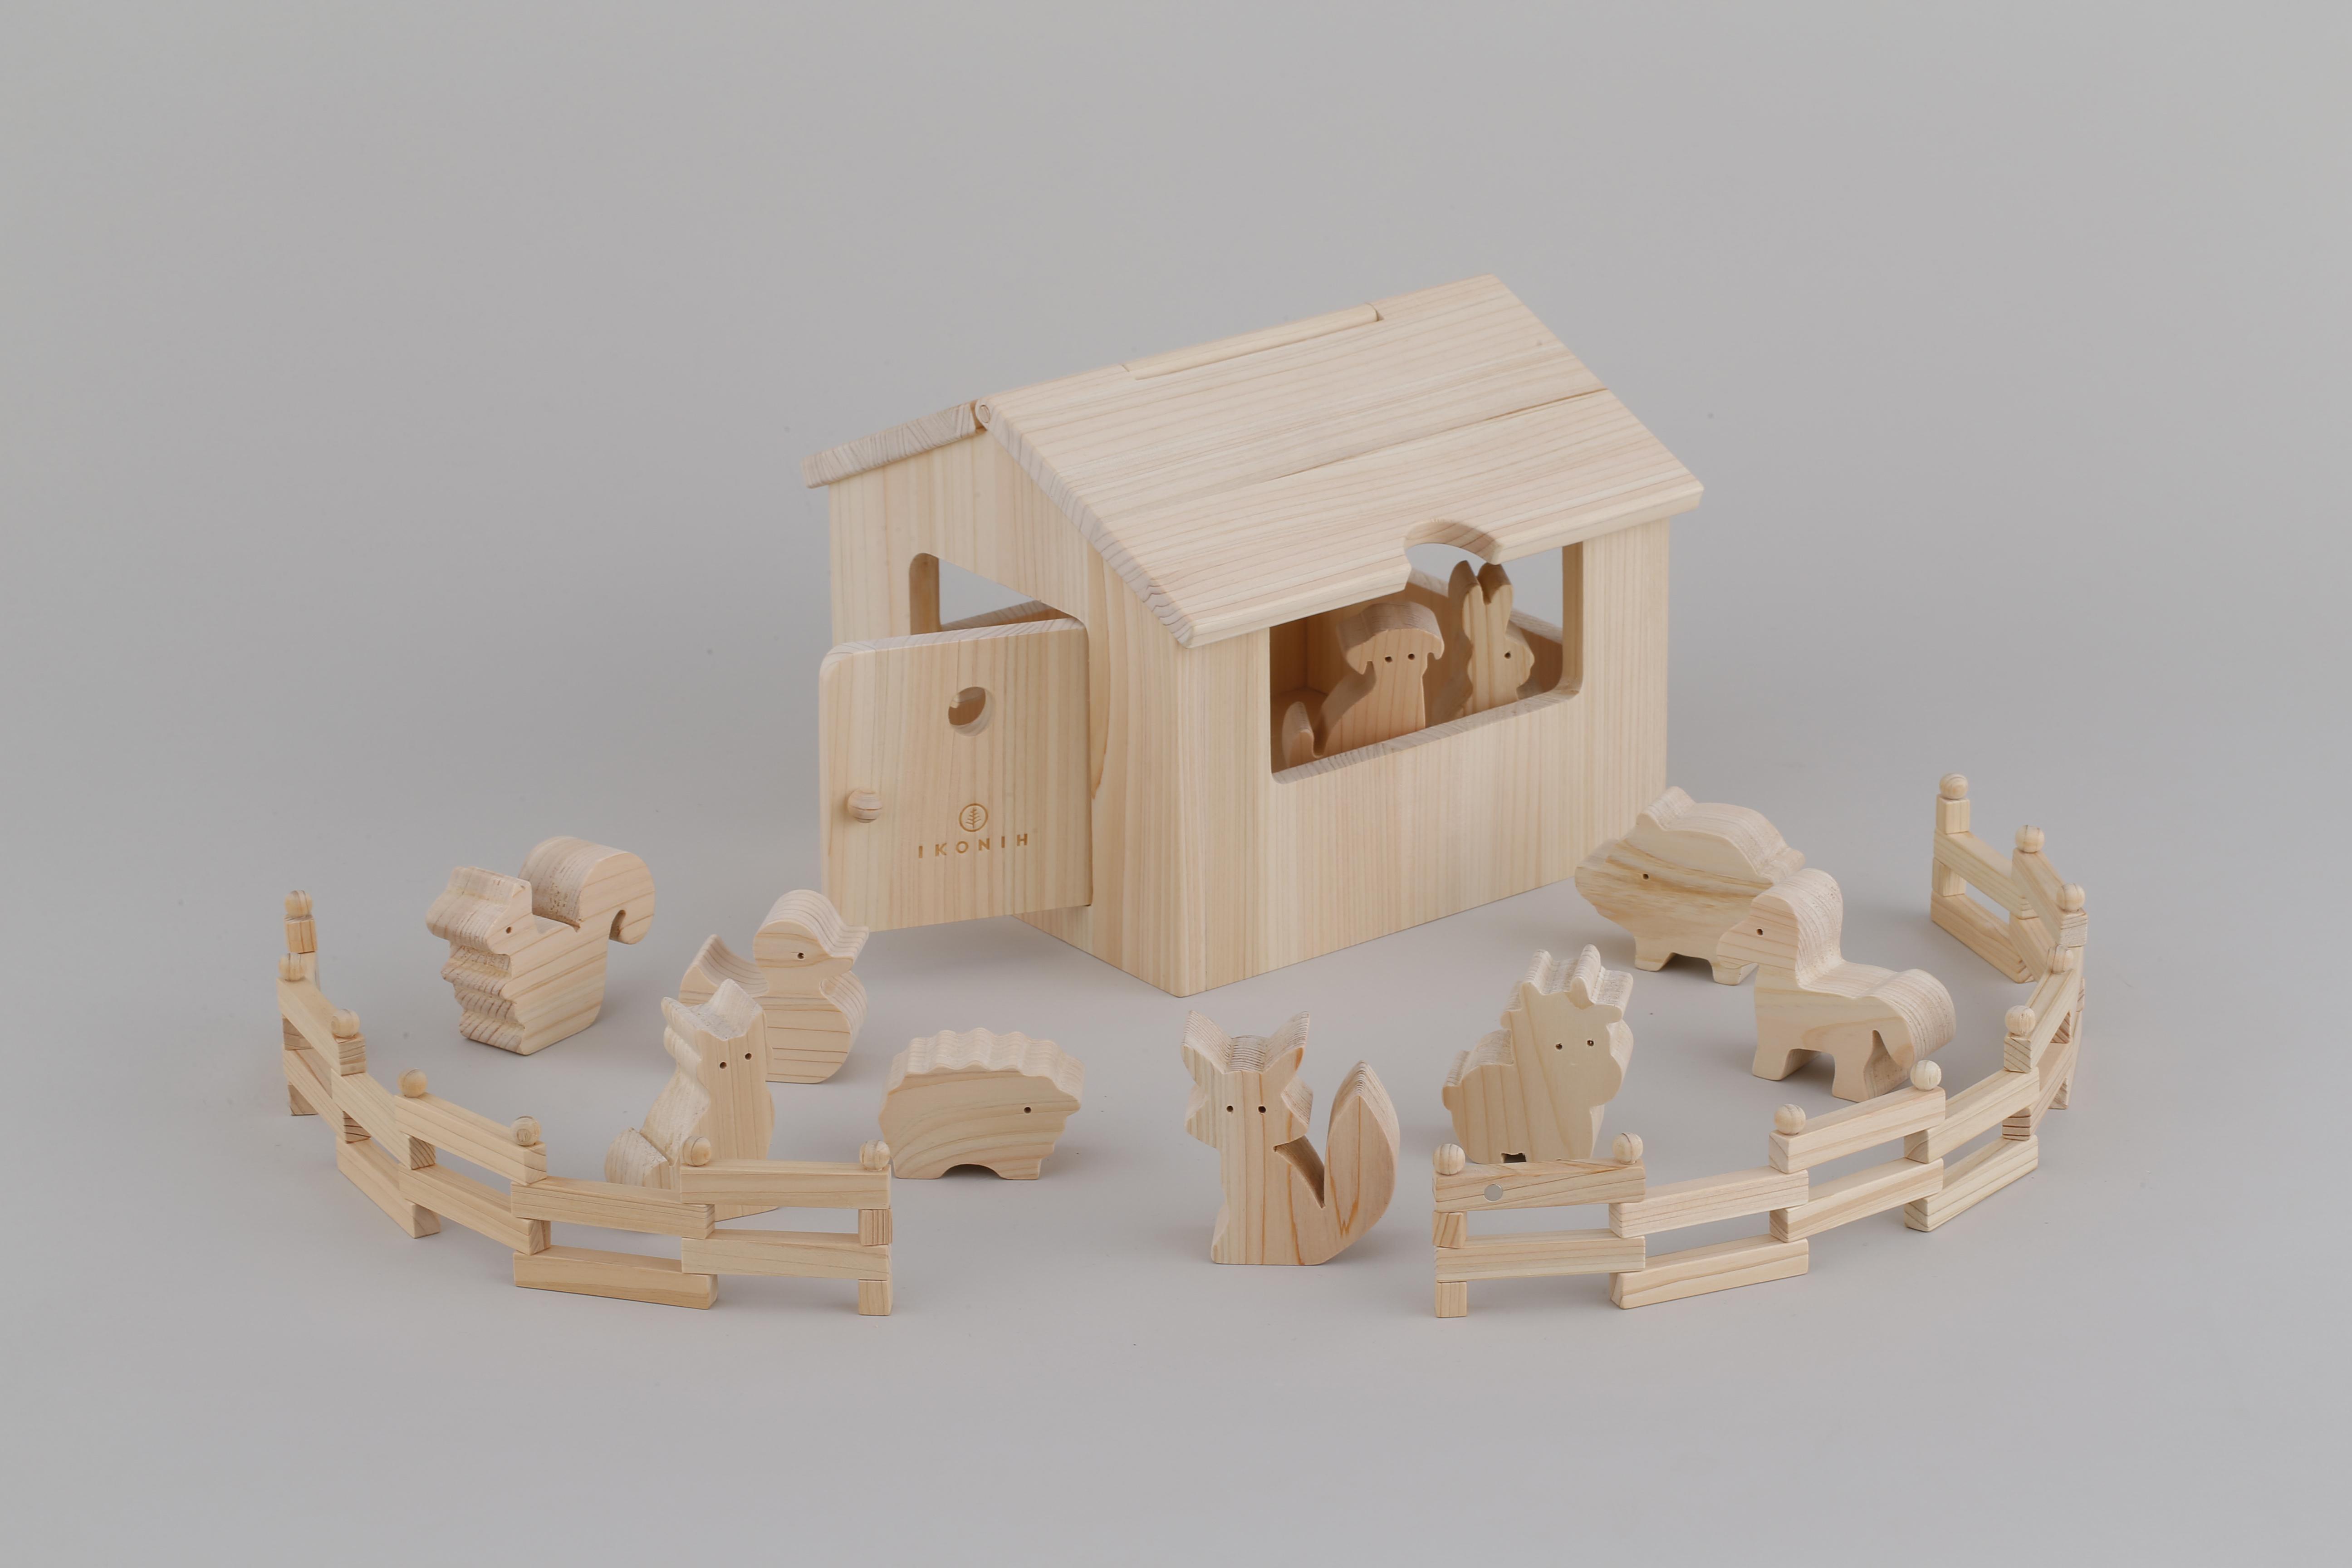 アイコニーハウス IKONIH HOUSE ※送料無料   木のおもちゃ 誕生日祝い ごっこ遊び